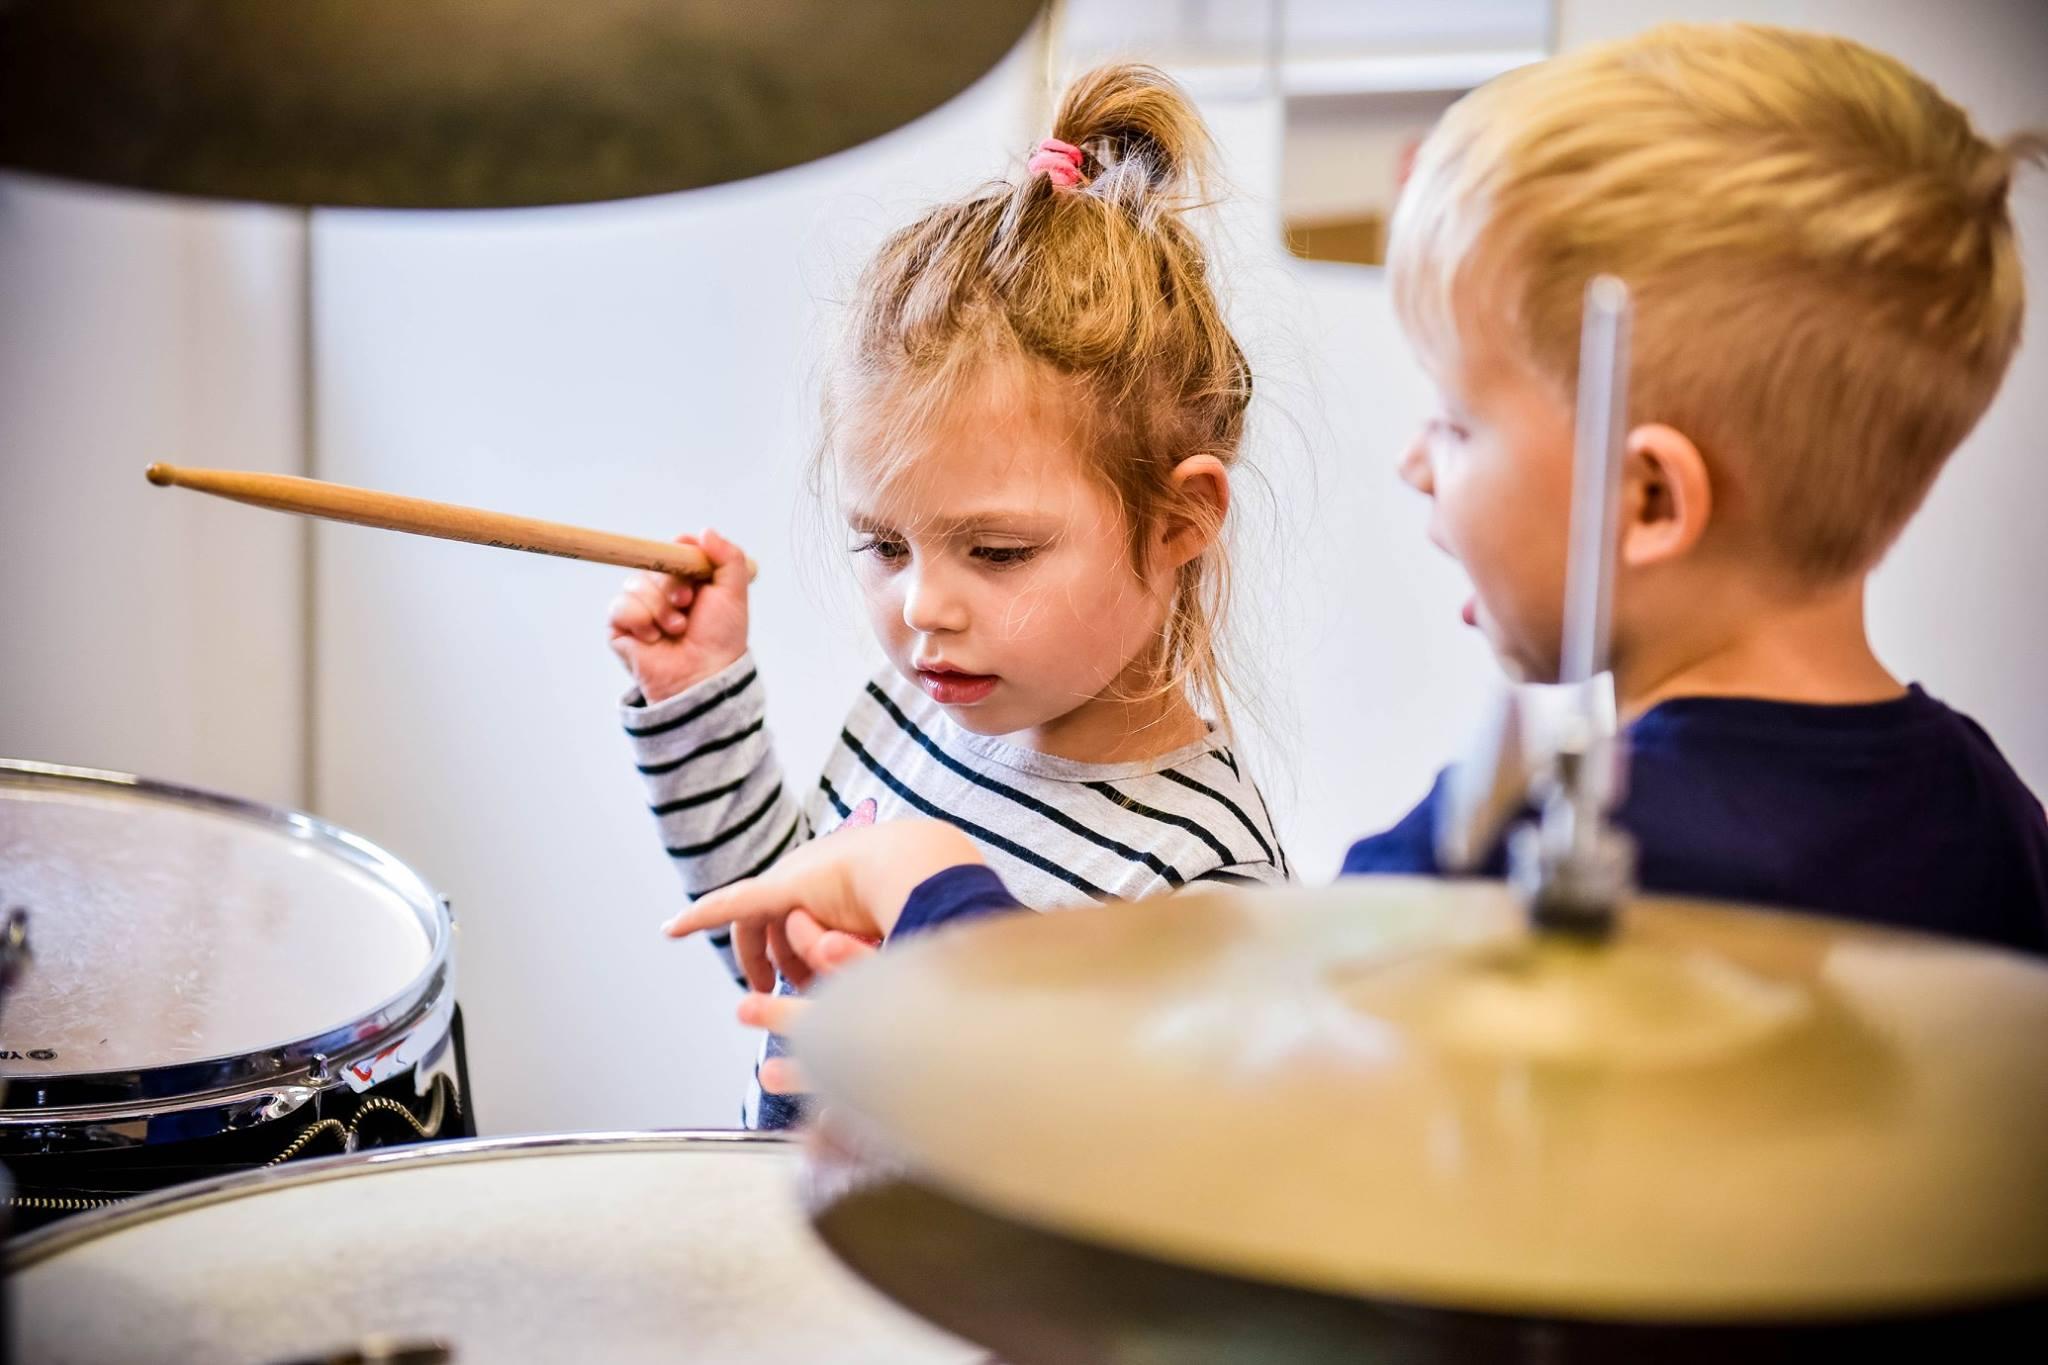 Grupowe zajęcia perkusyjne dla dzieci przedszkolnych (3-5 lat)